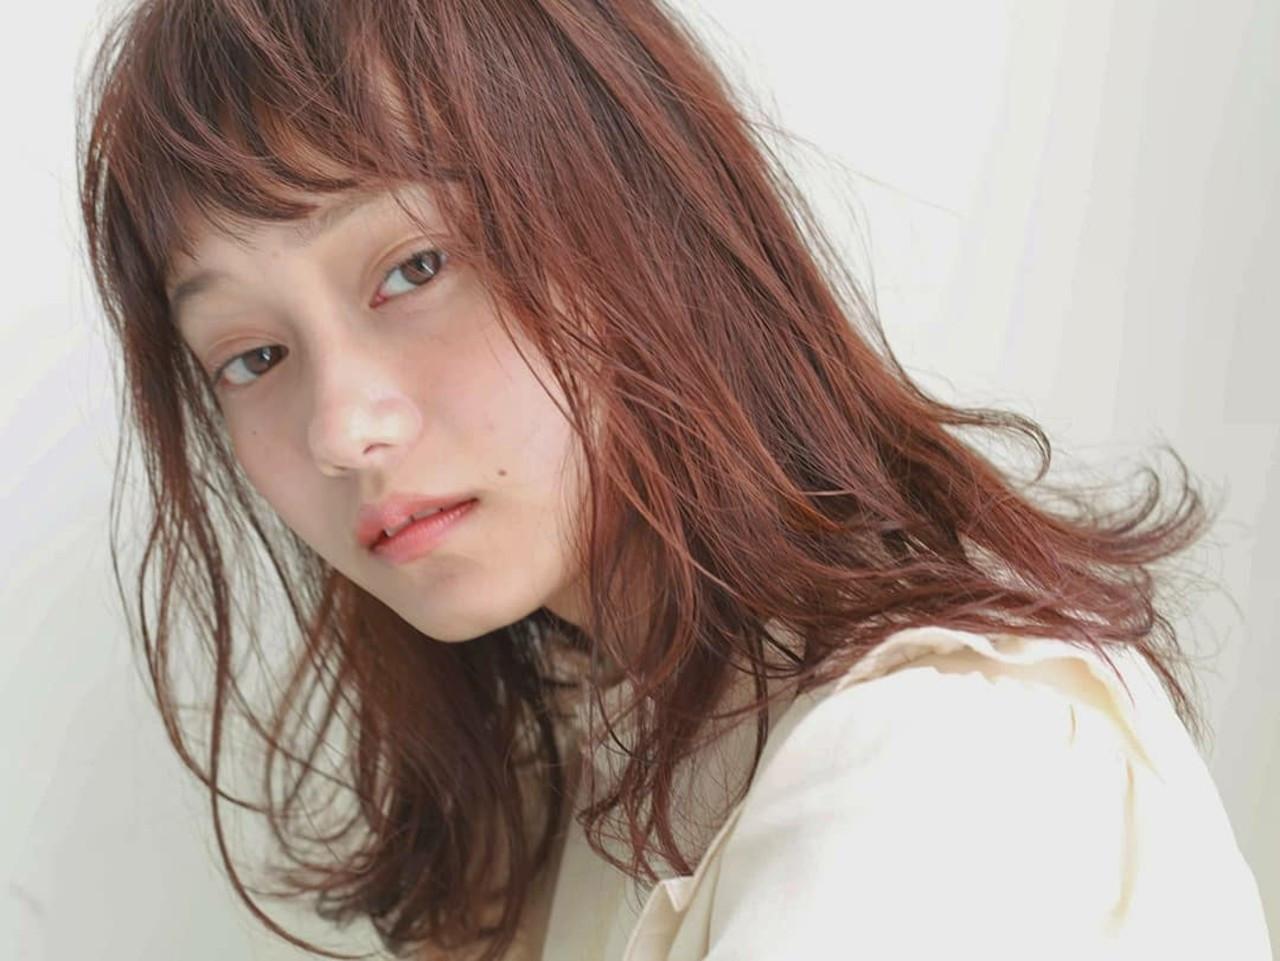 ナチュラル ミディアム パーマ オレンジブラウン ヘアスタイルや髪型の写真・画像